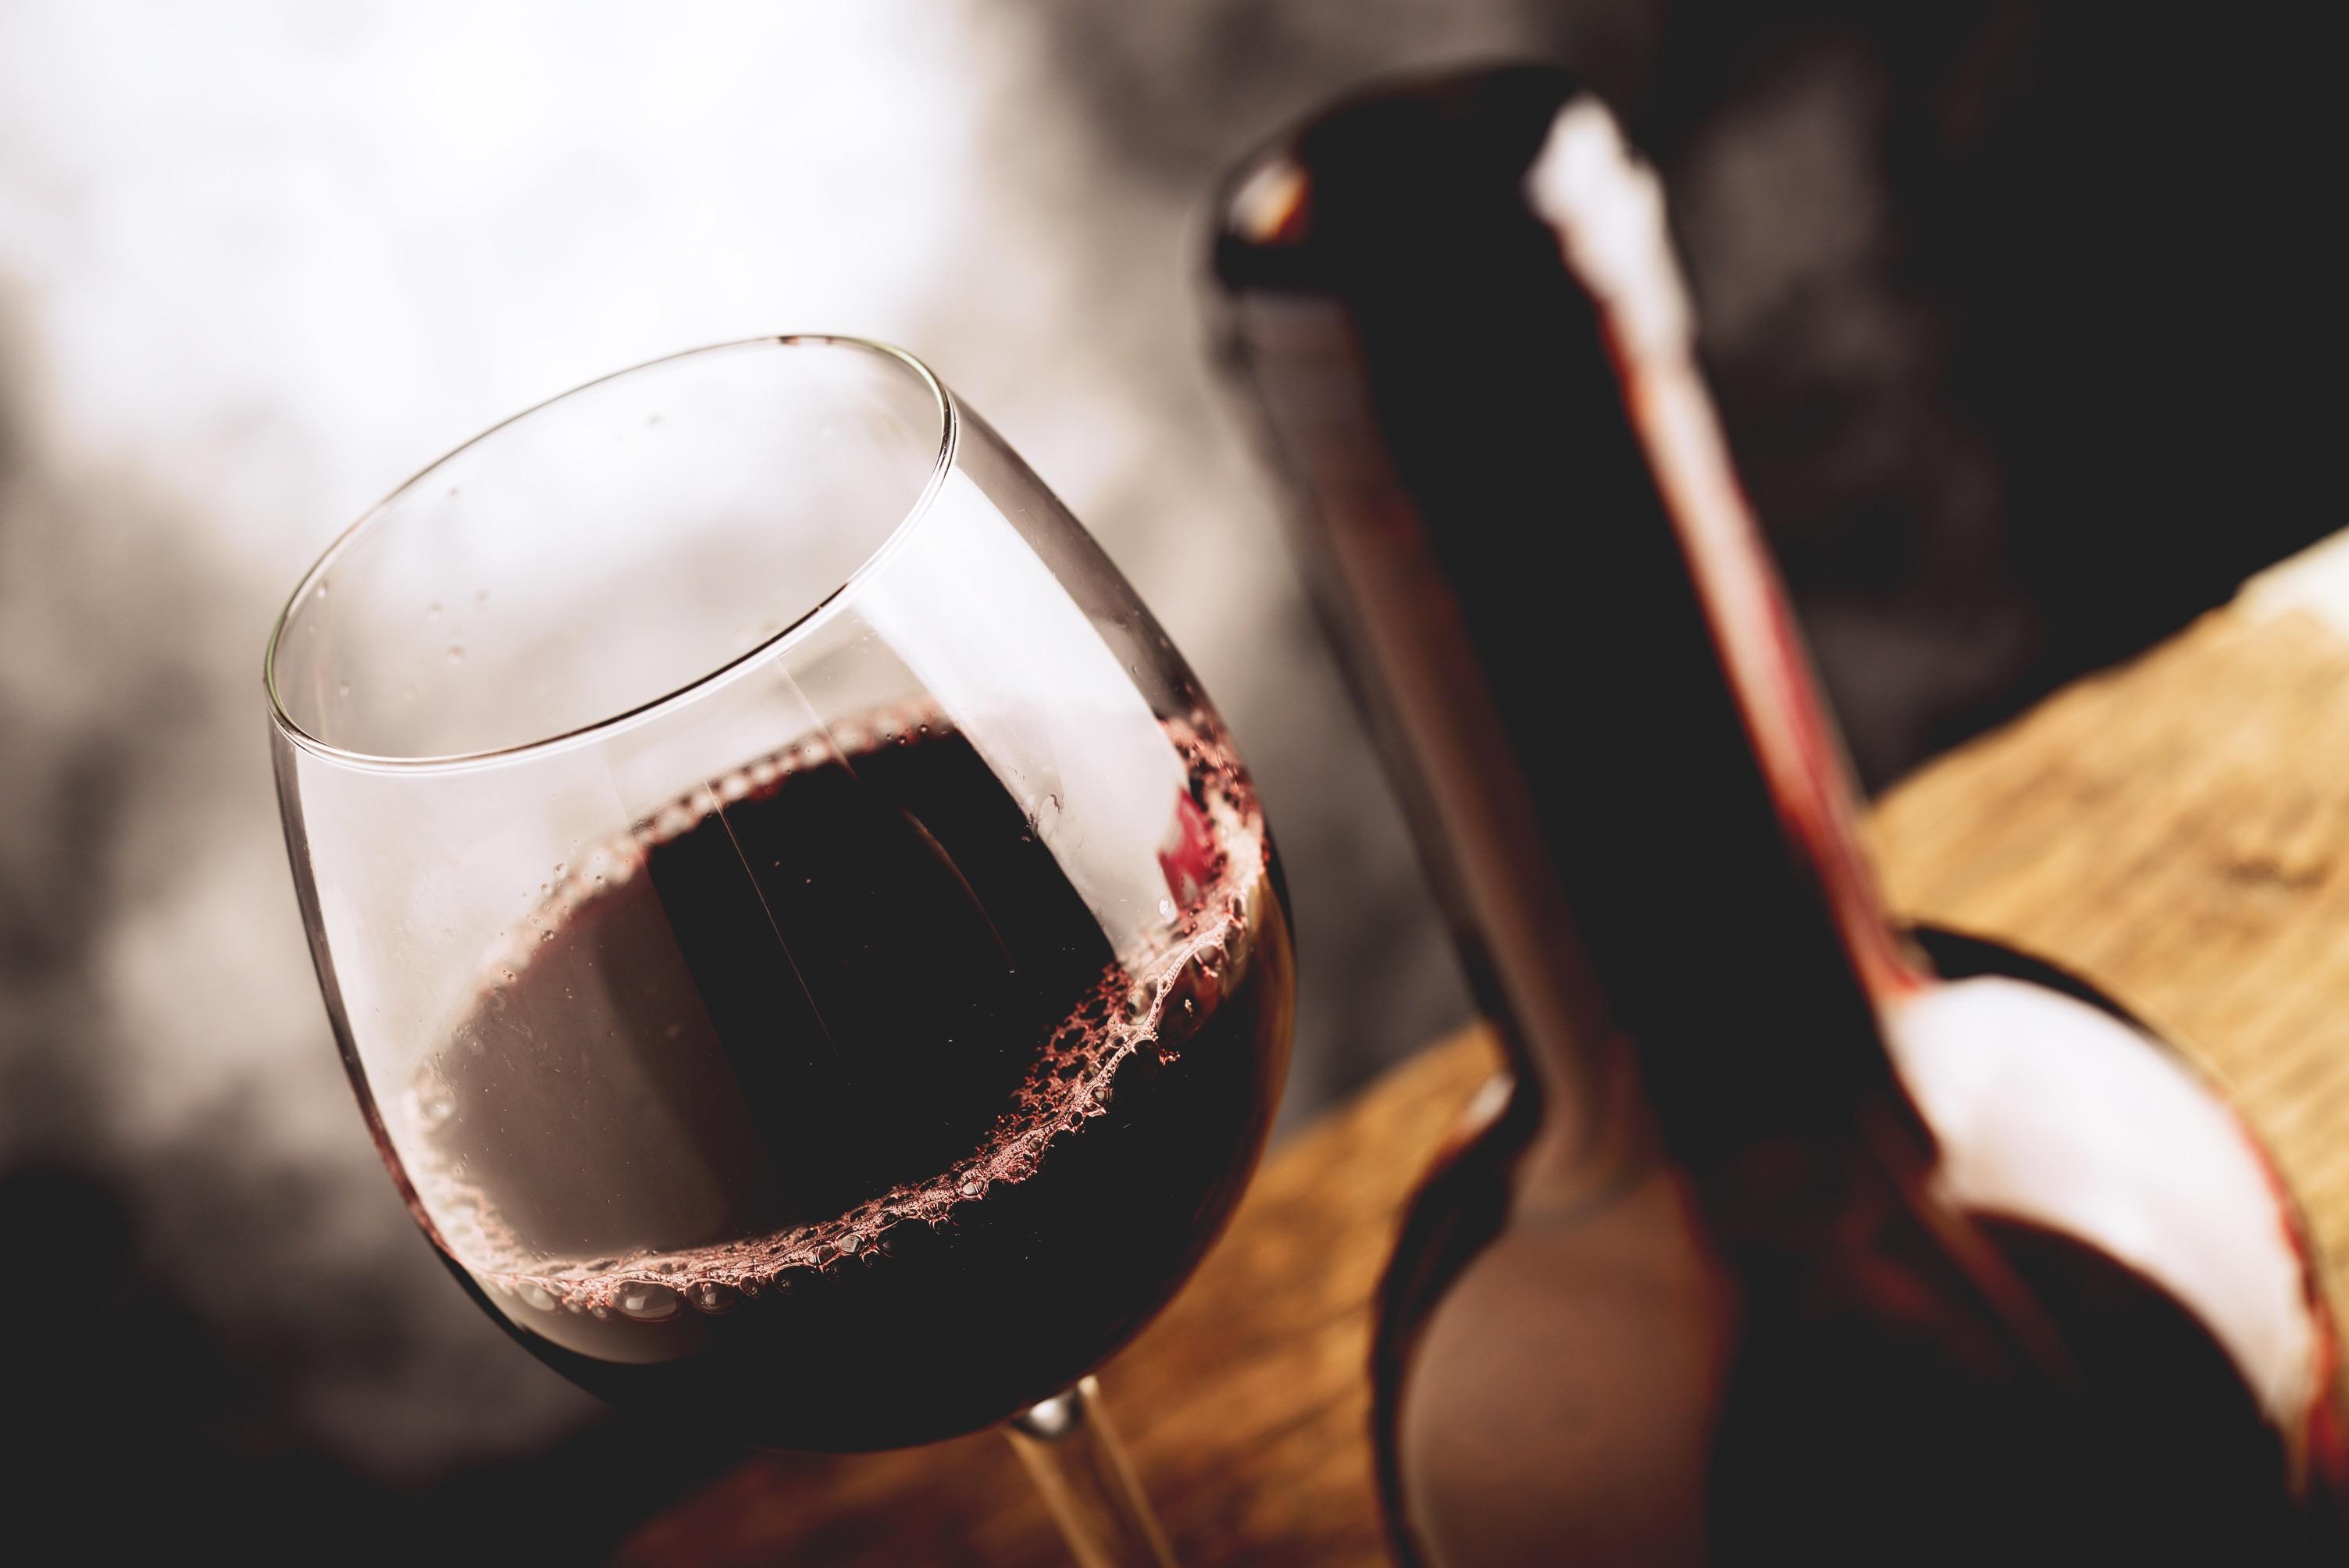 ワインを飲み残したときの保存方法